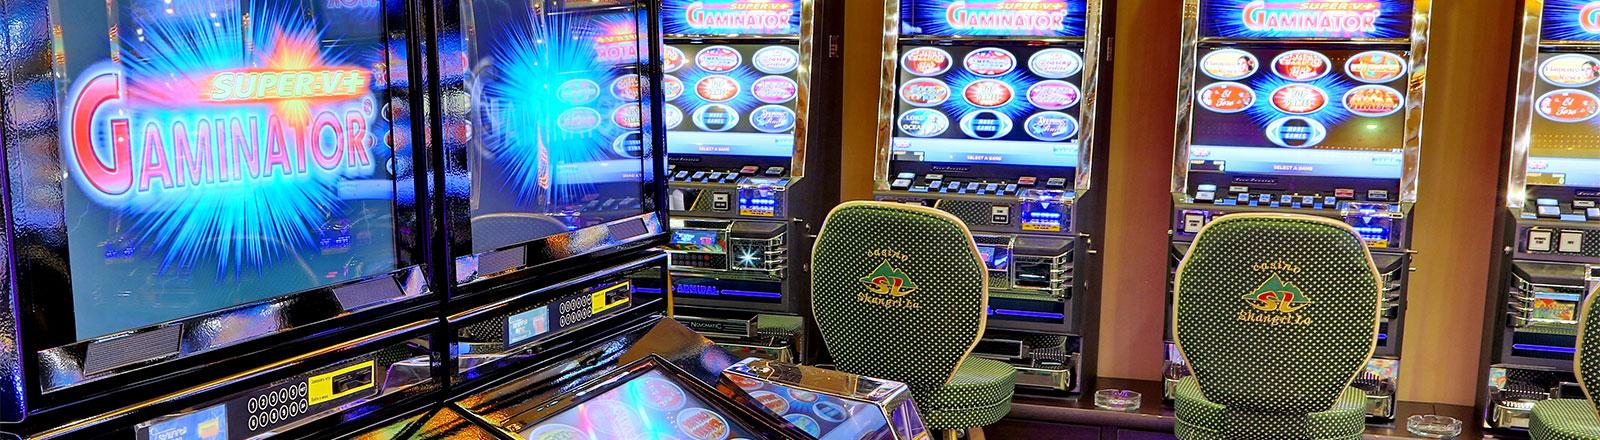 Интернет казино московсковской игровой системы гудвин piggy bank онлайн автоматы